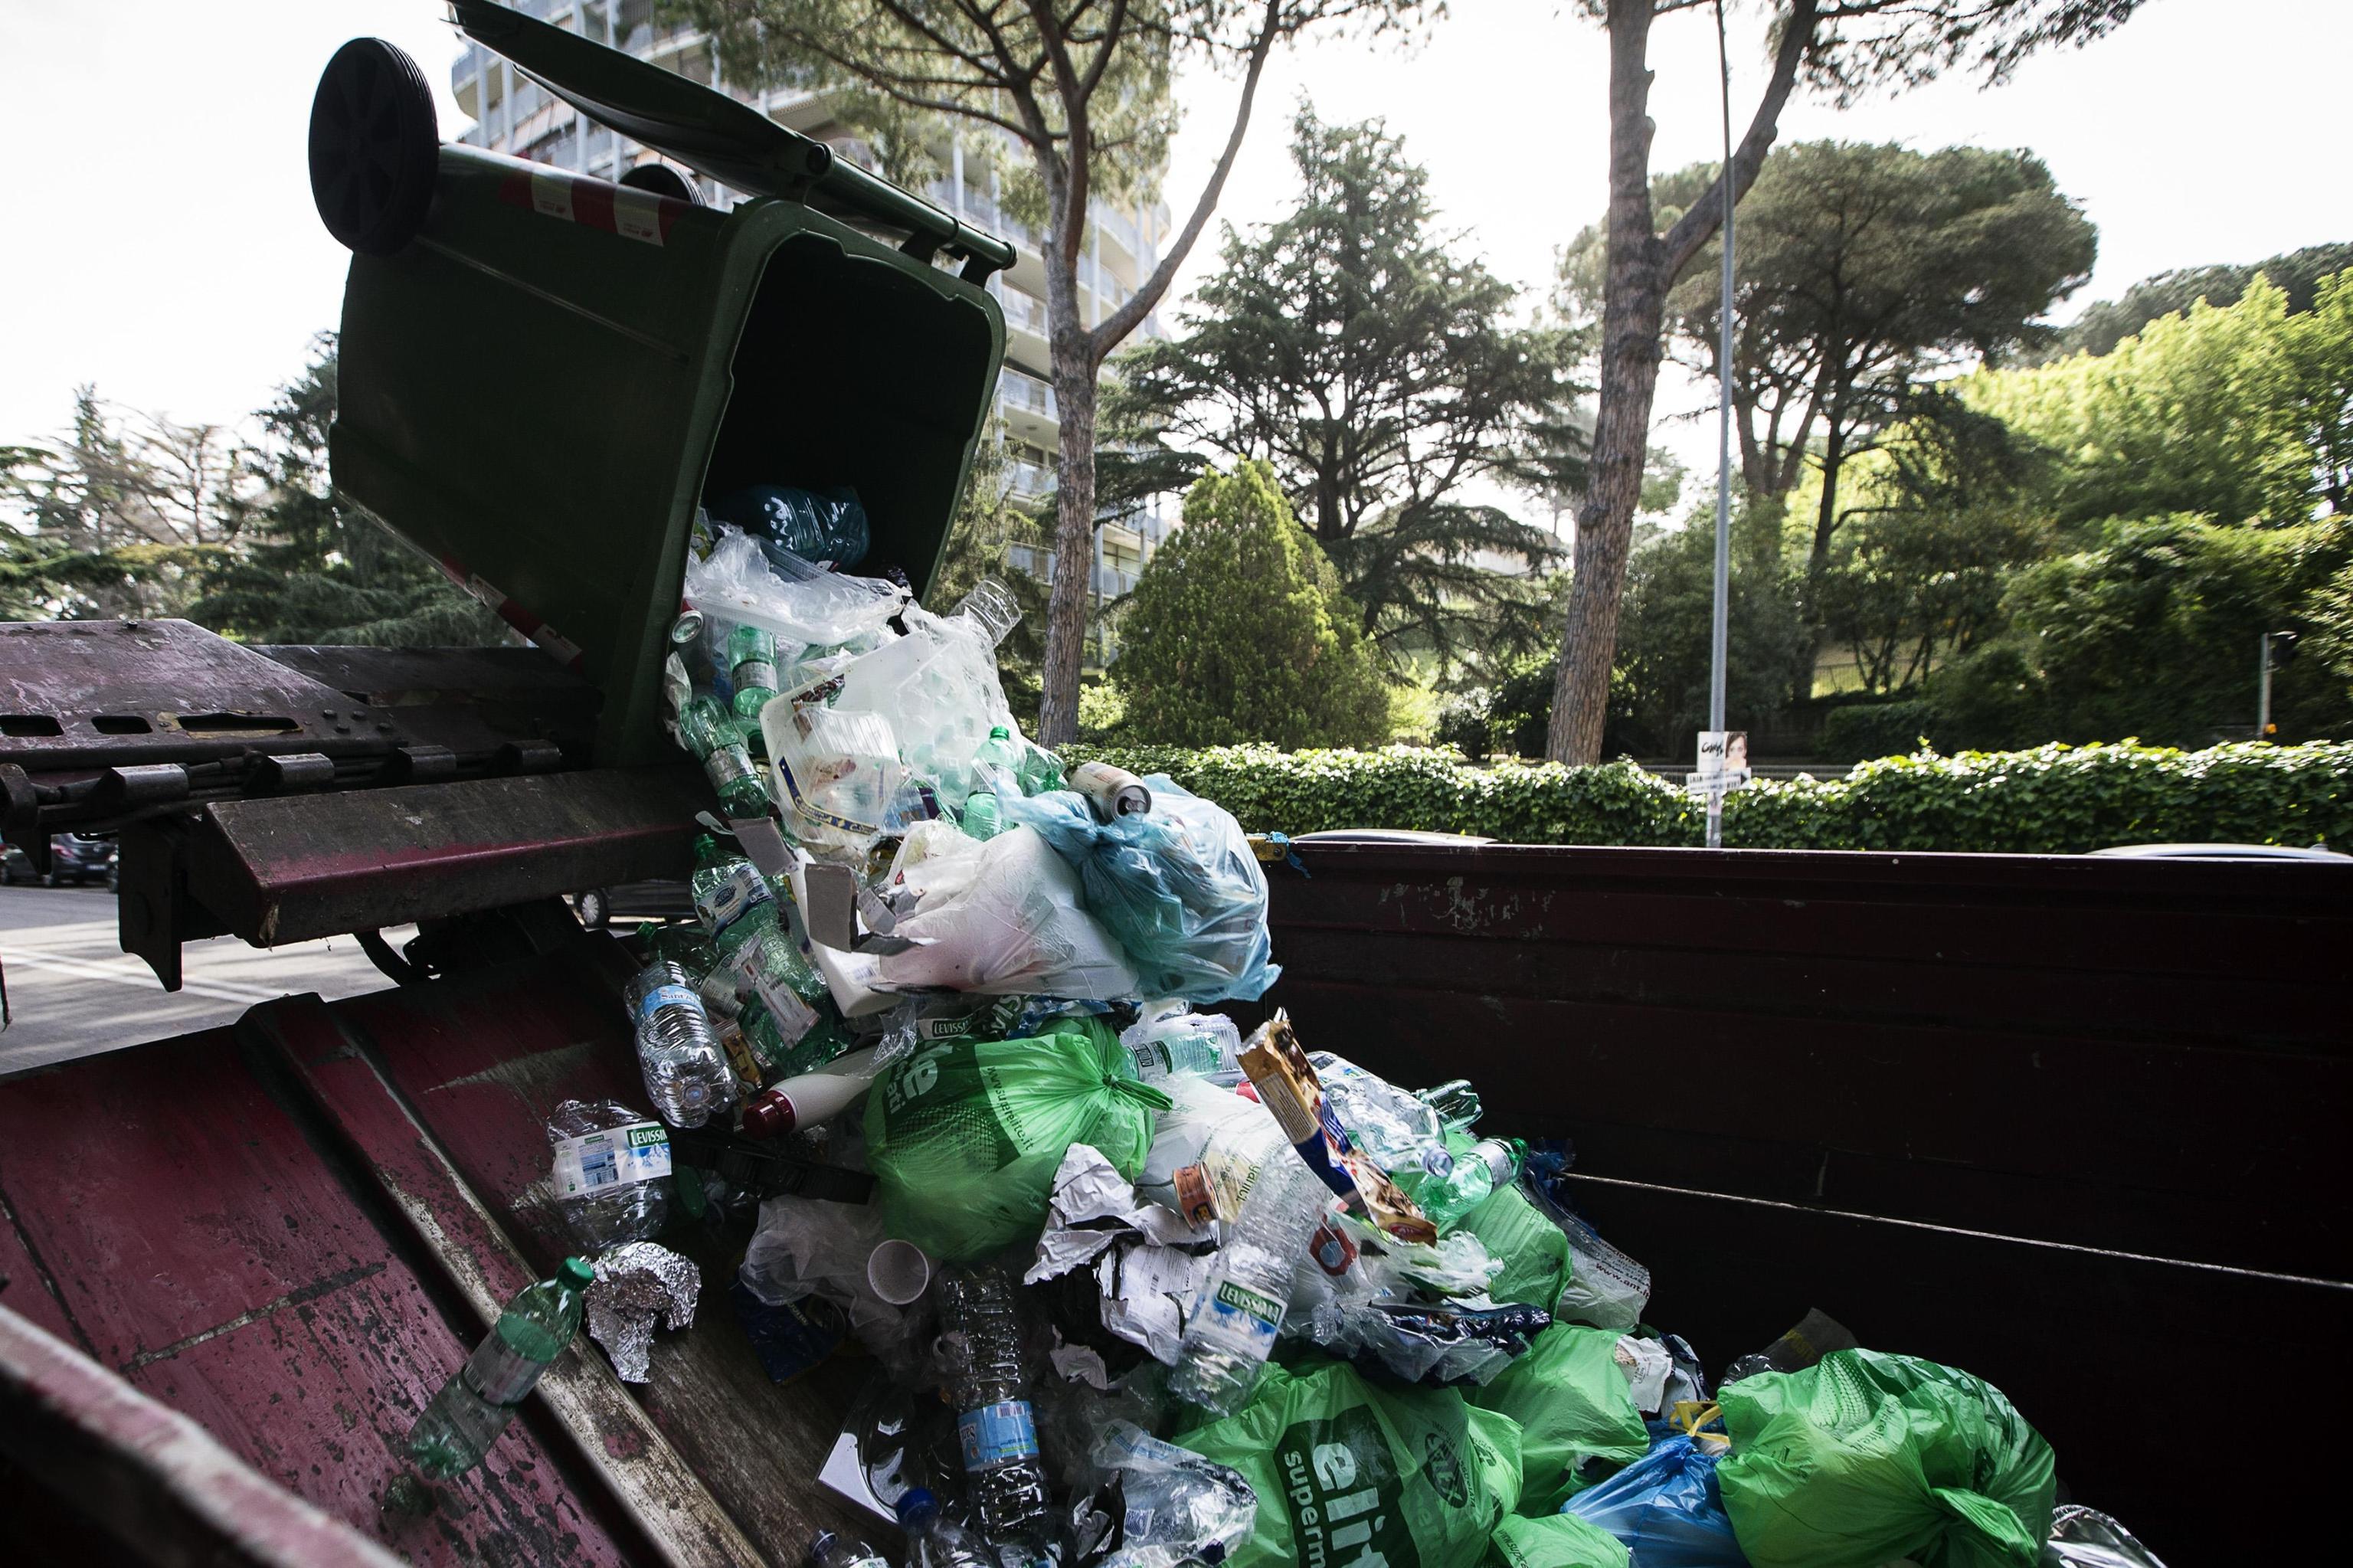 Caos rifiuti a Roma, a rischio 270 lavoratori della coop 29 giugno senza un nuovo bando Ama